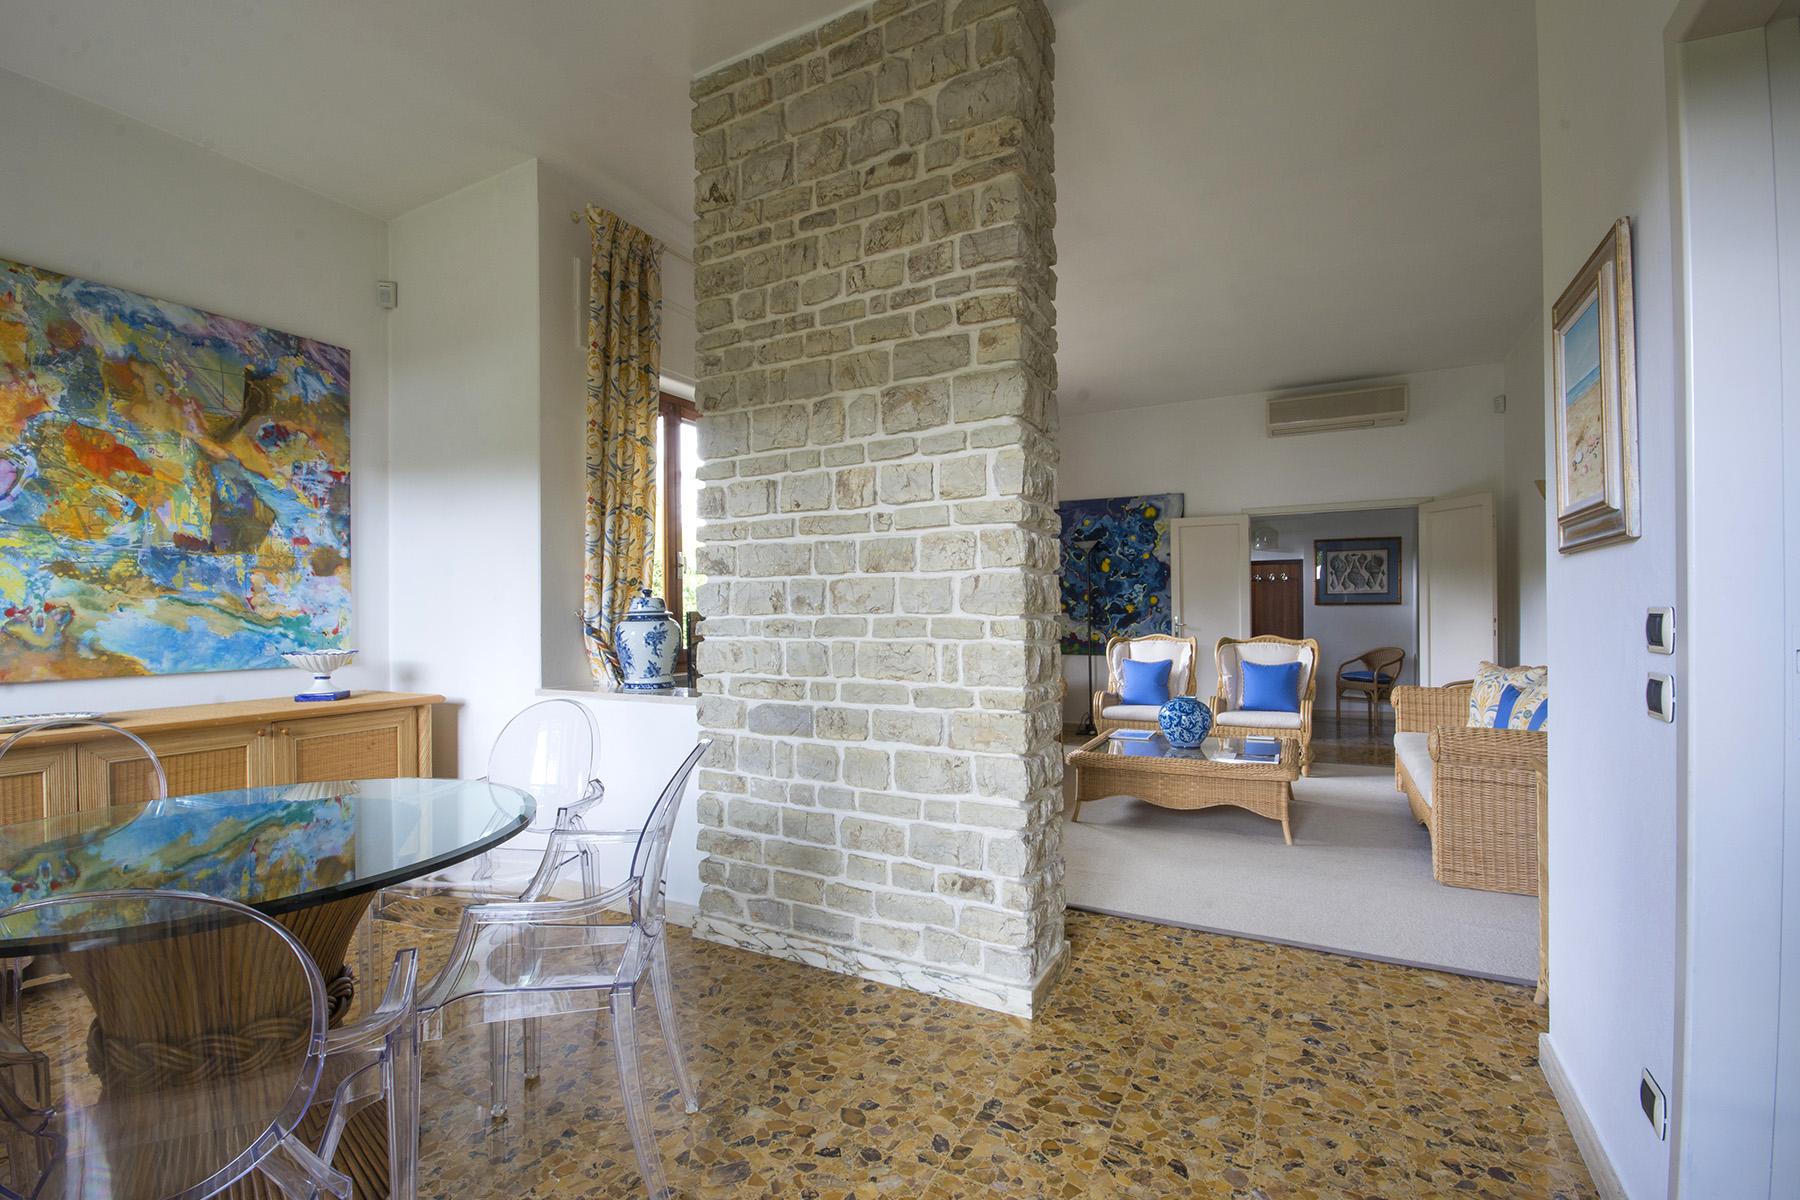 Villa in Vendita a Forte Dei Marmi: 5 locali, 229 mq - Foto 9